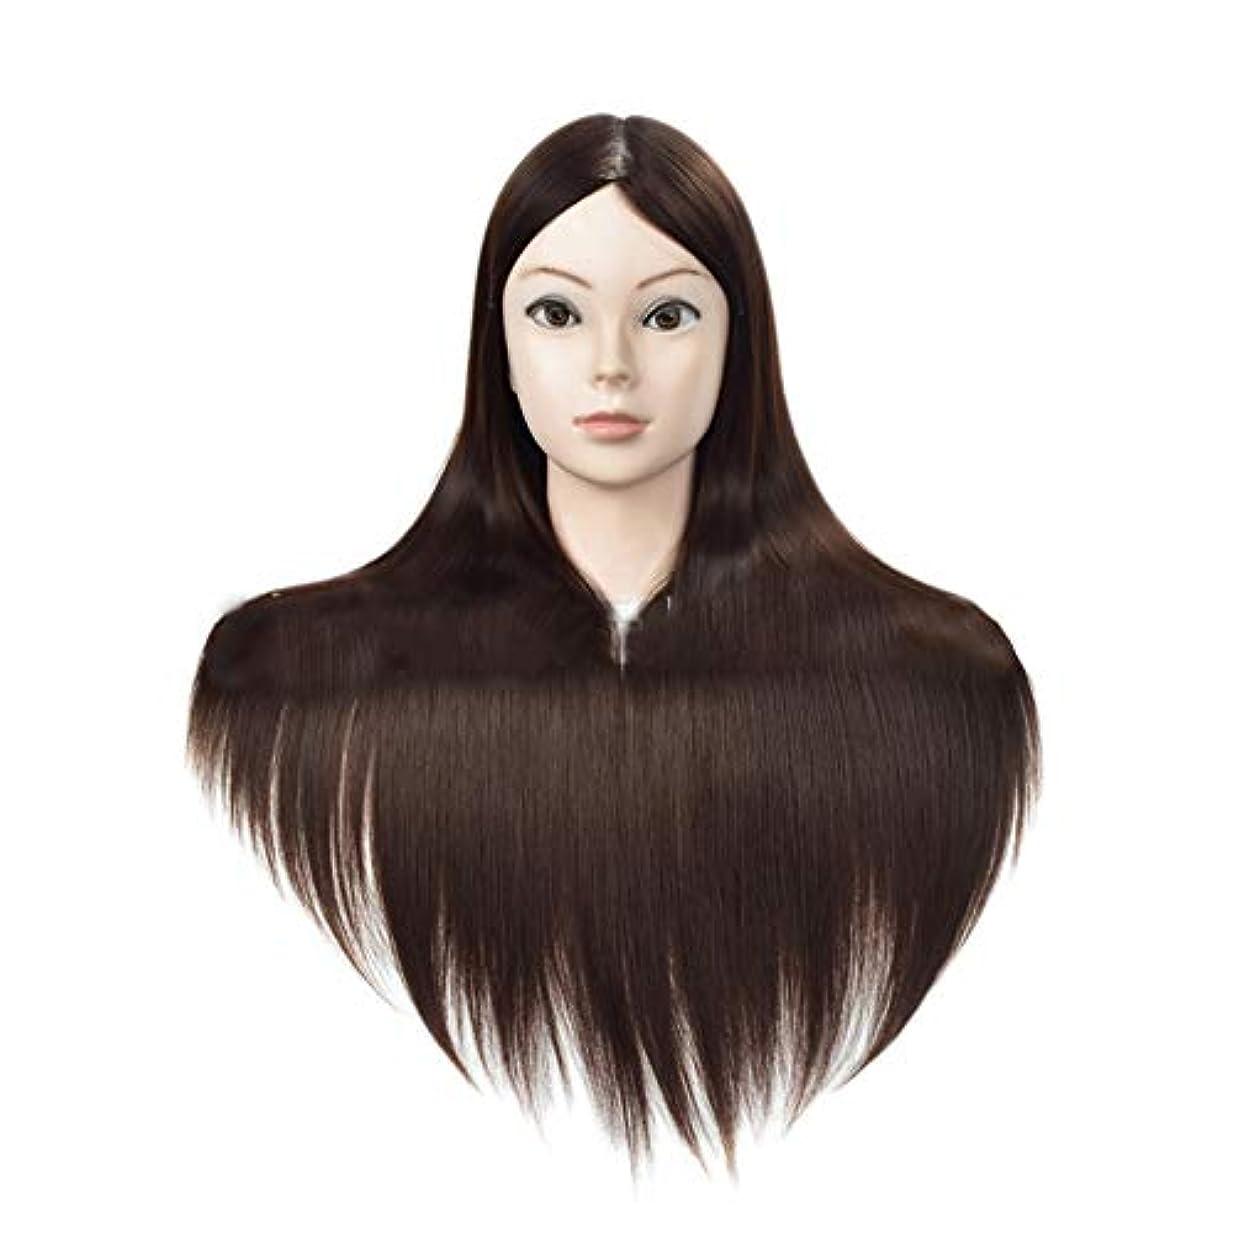 髪編組ヘアスタイリング練習ヘッド高温線毛ウィッグヘッド金型メイク学習訓練ダミーヘッド